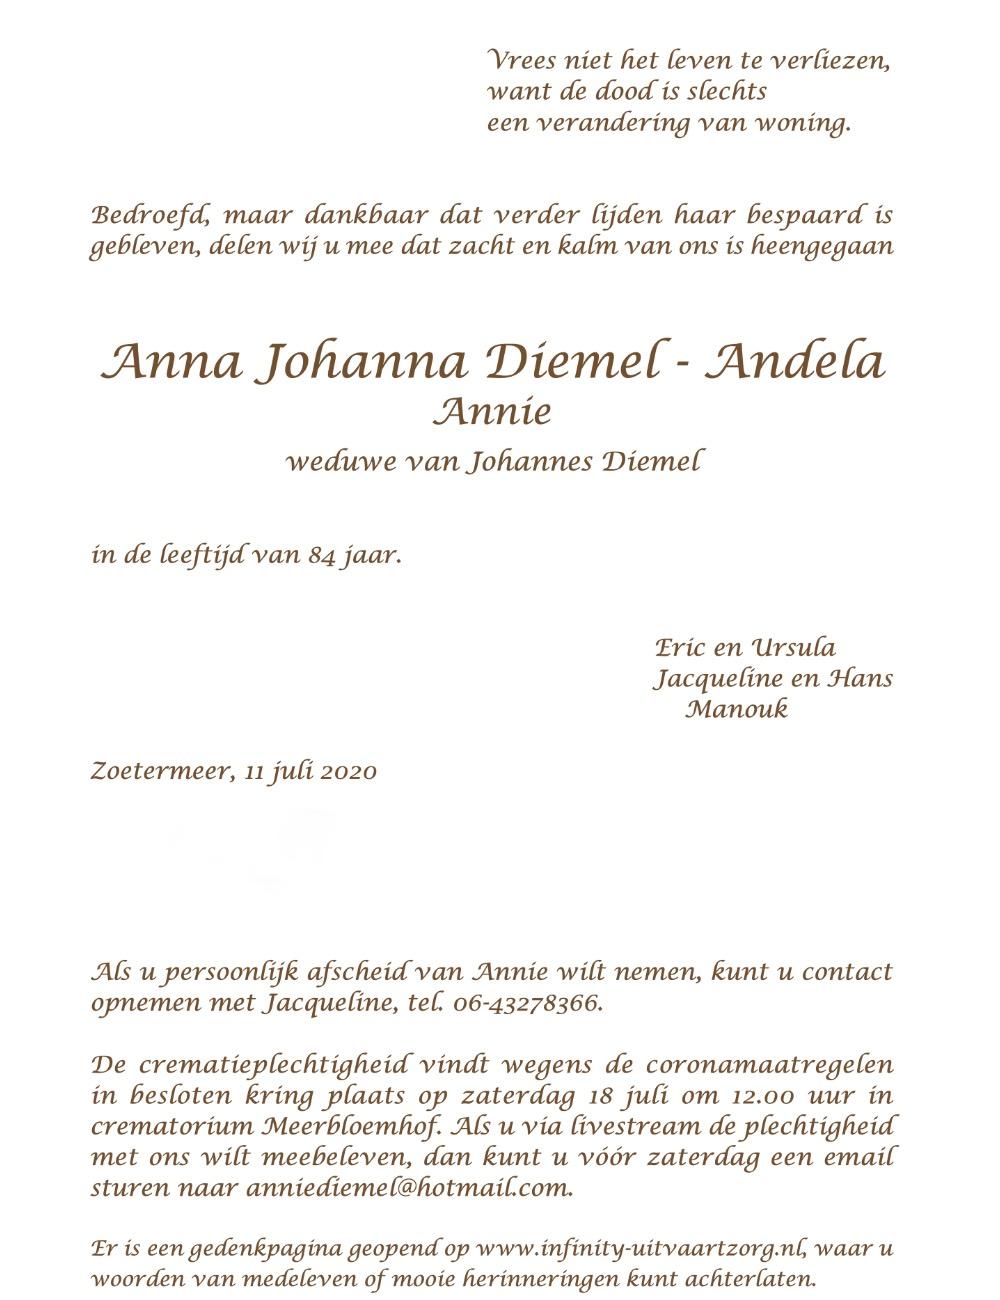 Annie Diemel - Andela, rouwkaart binnenkant